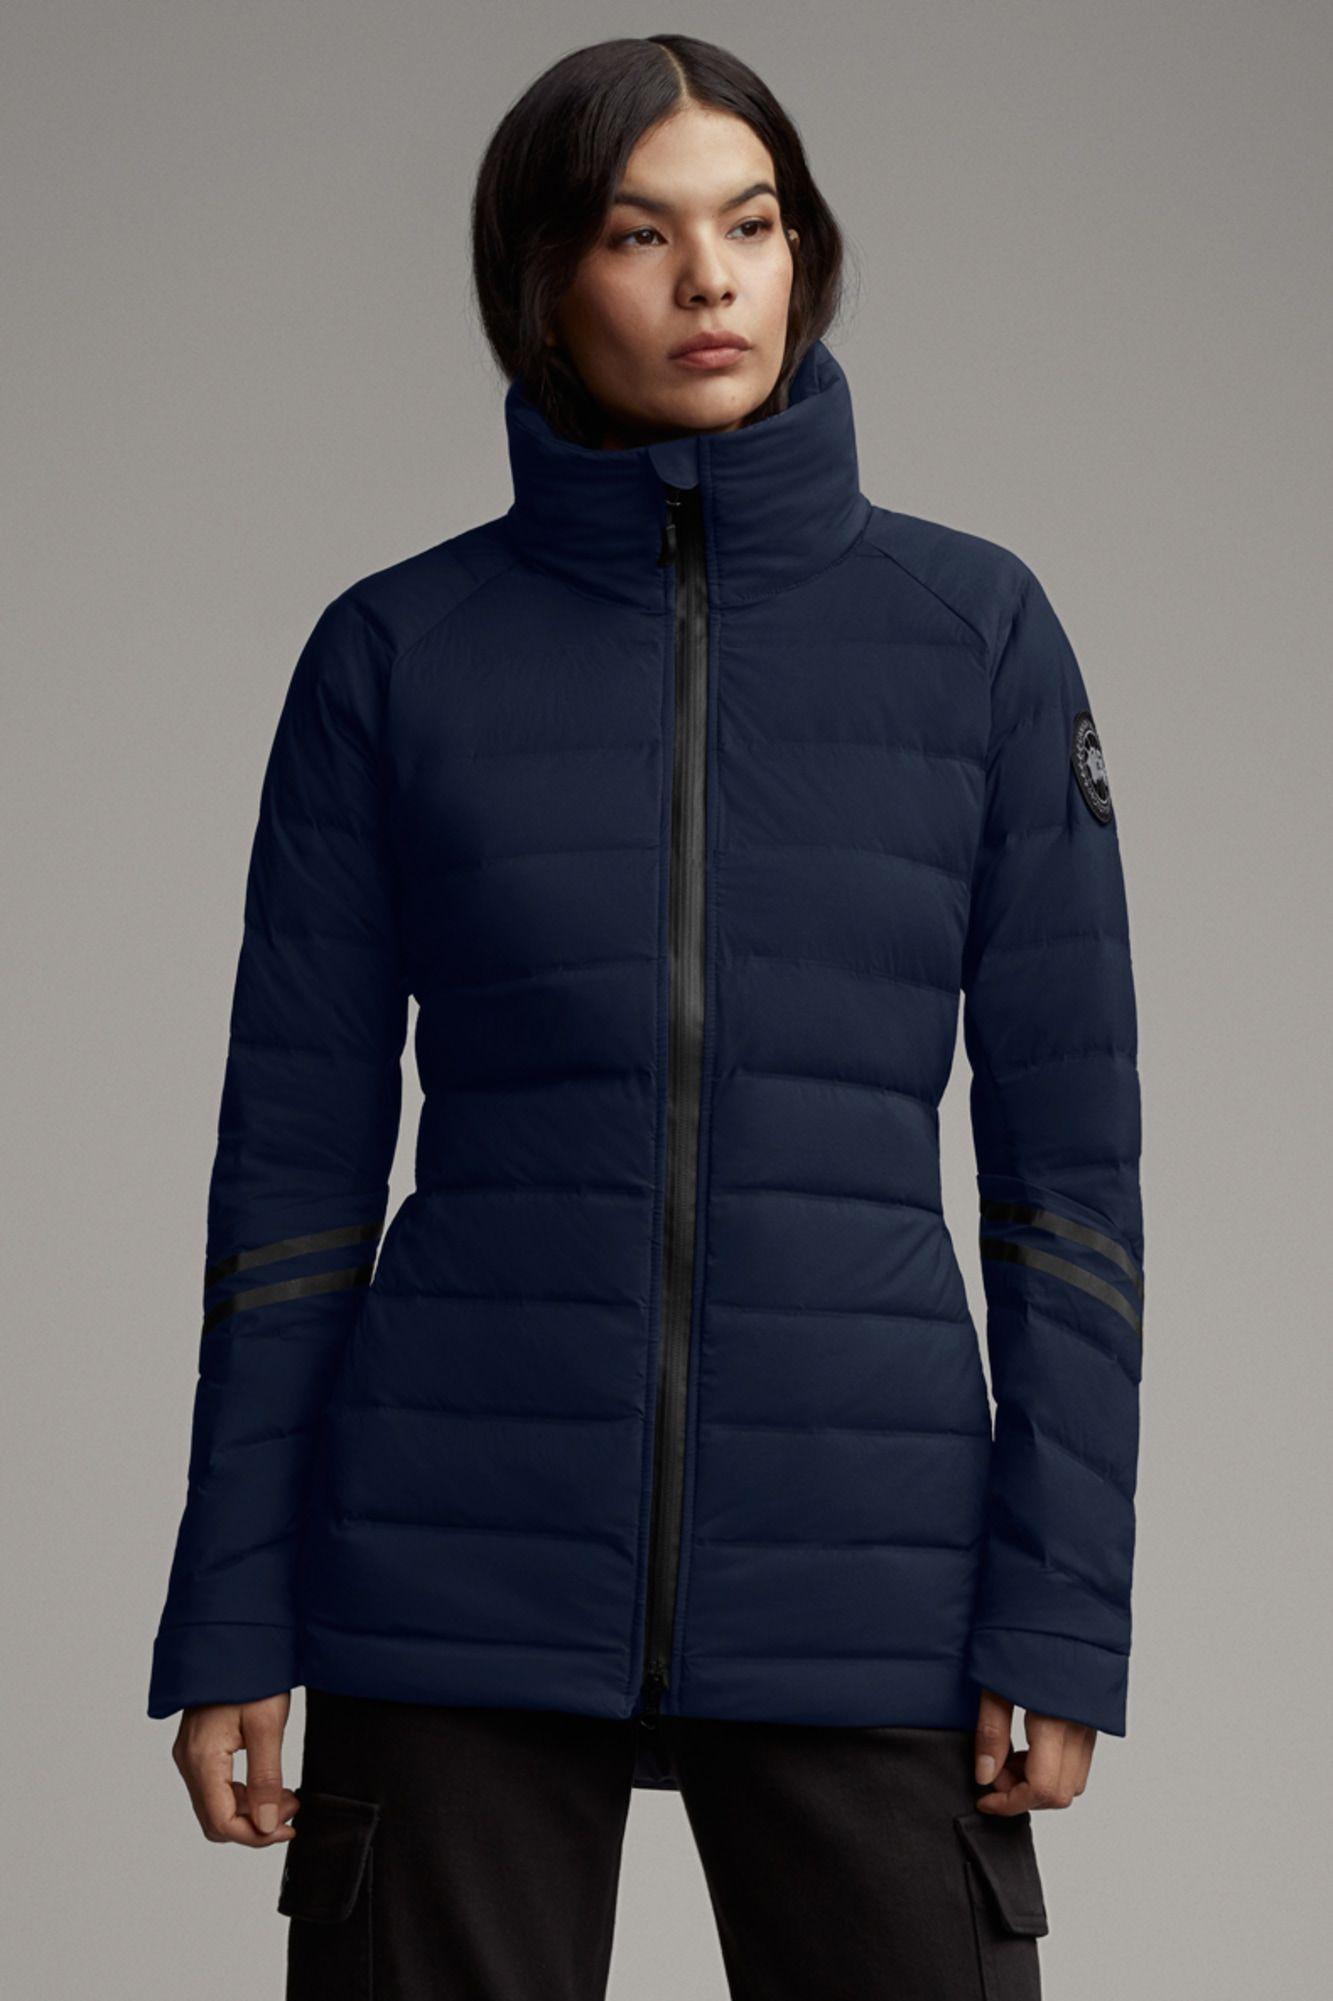 Women S Hybridge Cw Down Jacket Black Label In 2021 Down Jacket Jackets Outerwear Women [ 2001 x 1333 Pixel ]